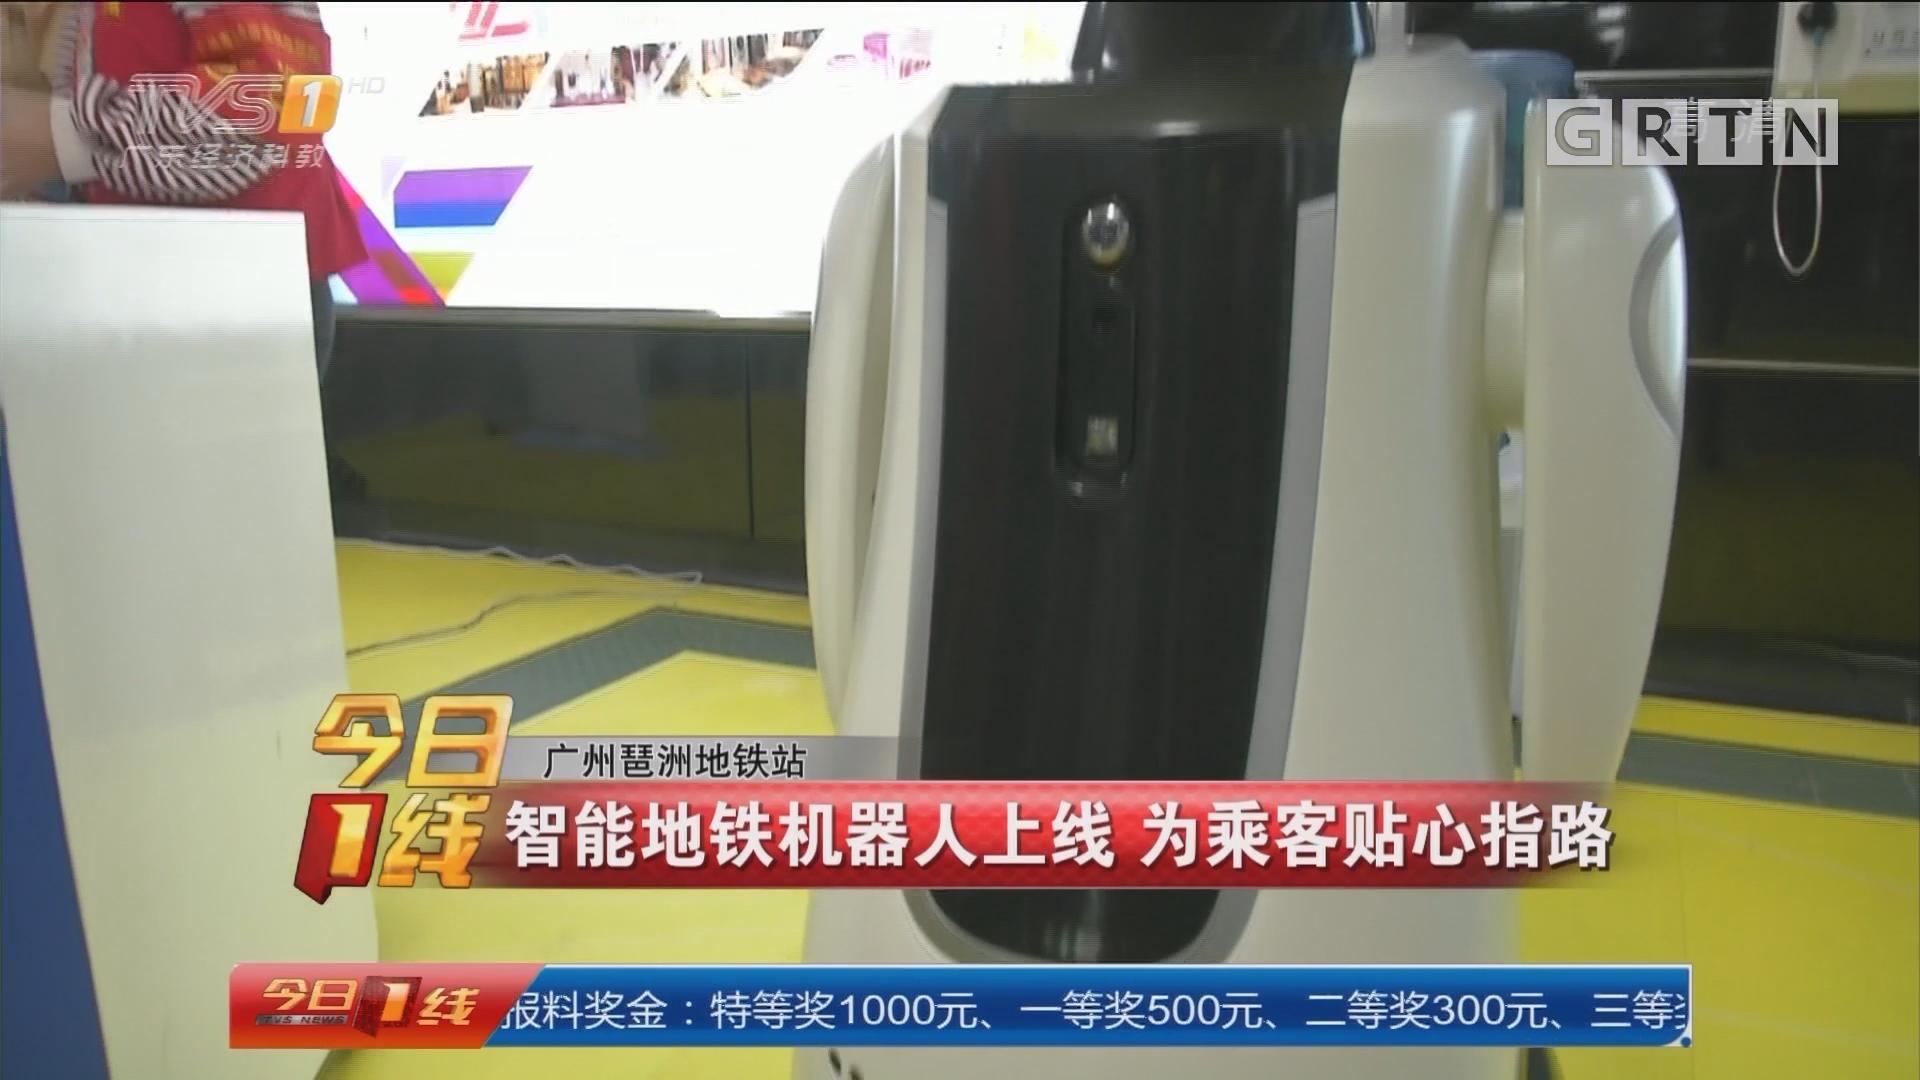 广州琶洲地铁站:智能地铁机器人上线 为乘客贴心指路